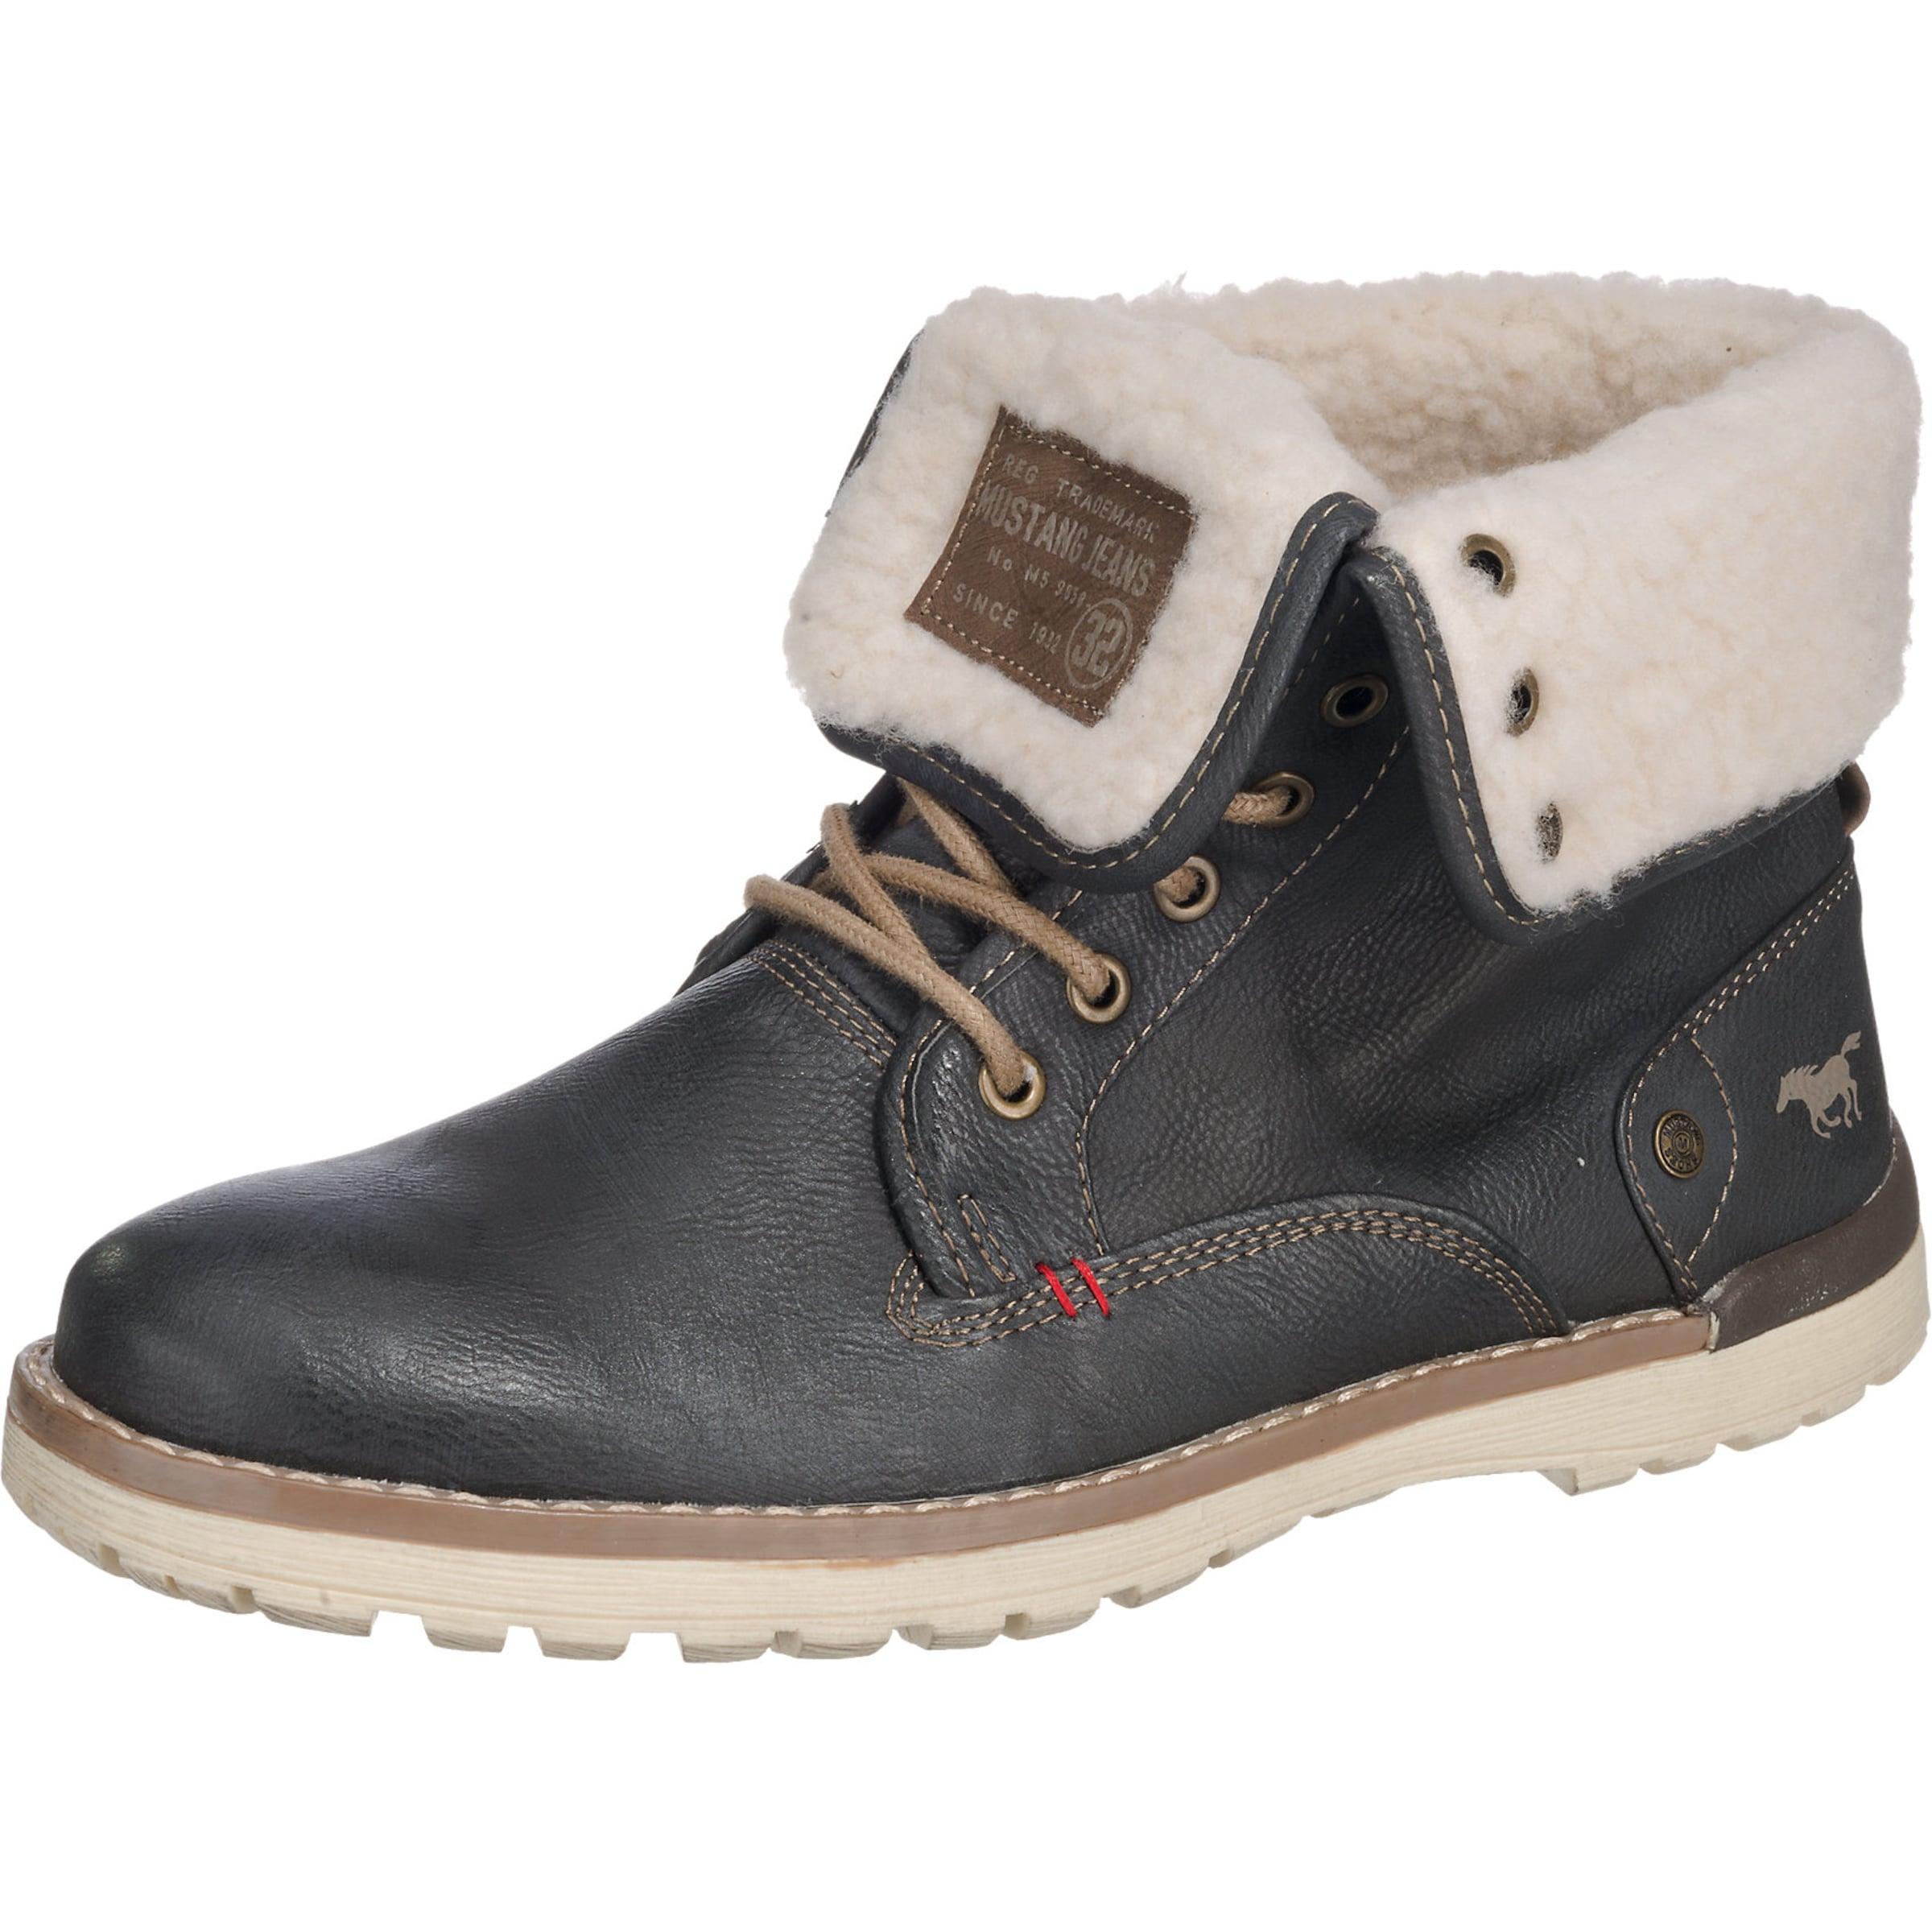 MUSTANG | Schnür-Boot mit umklappbarem Schaft und warmem Futter Schuhe Gut getragene Schuhe